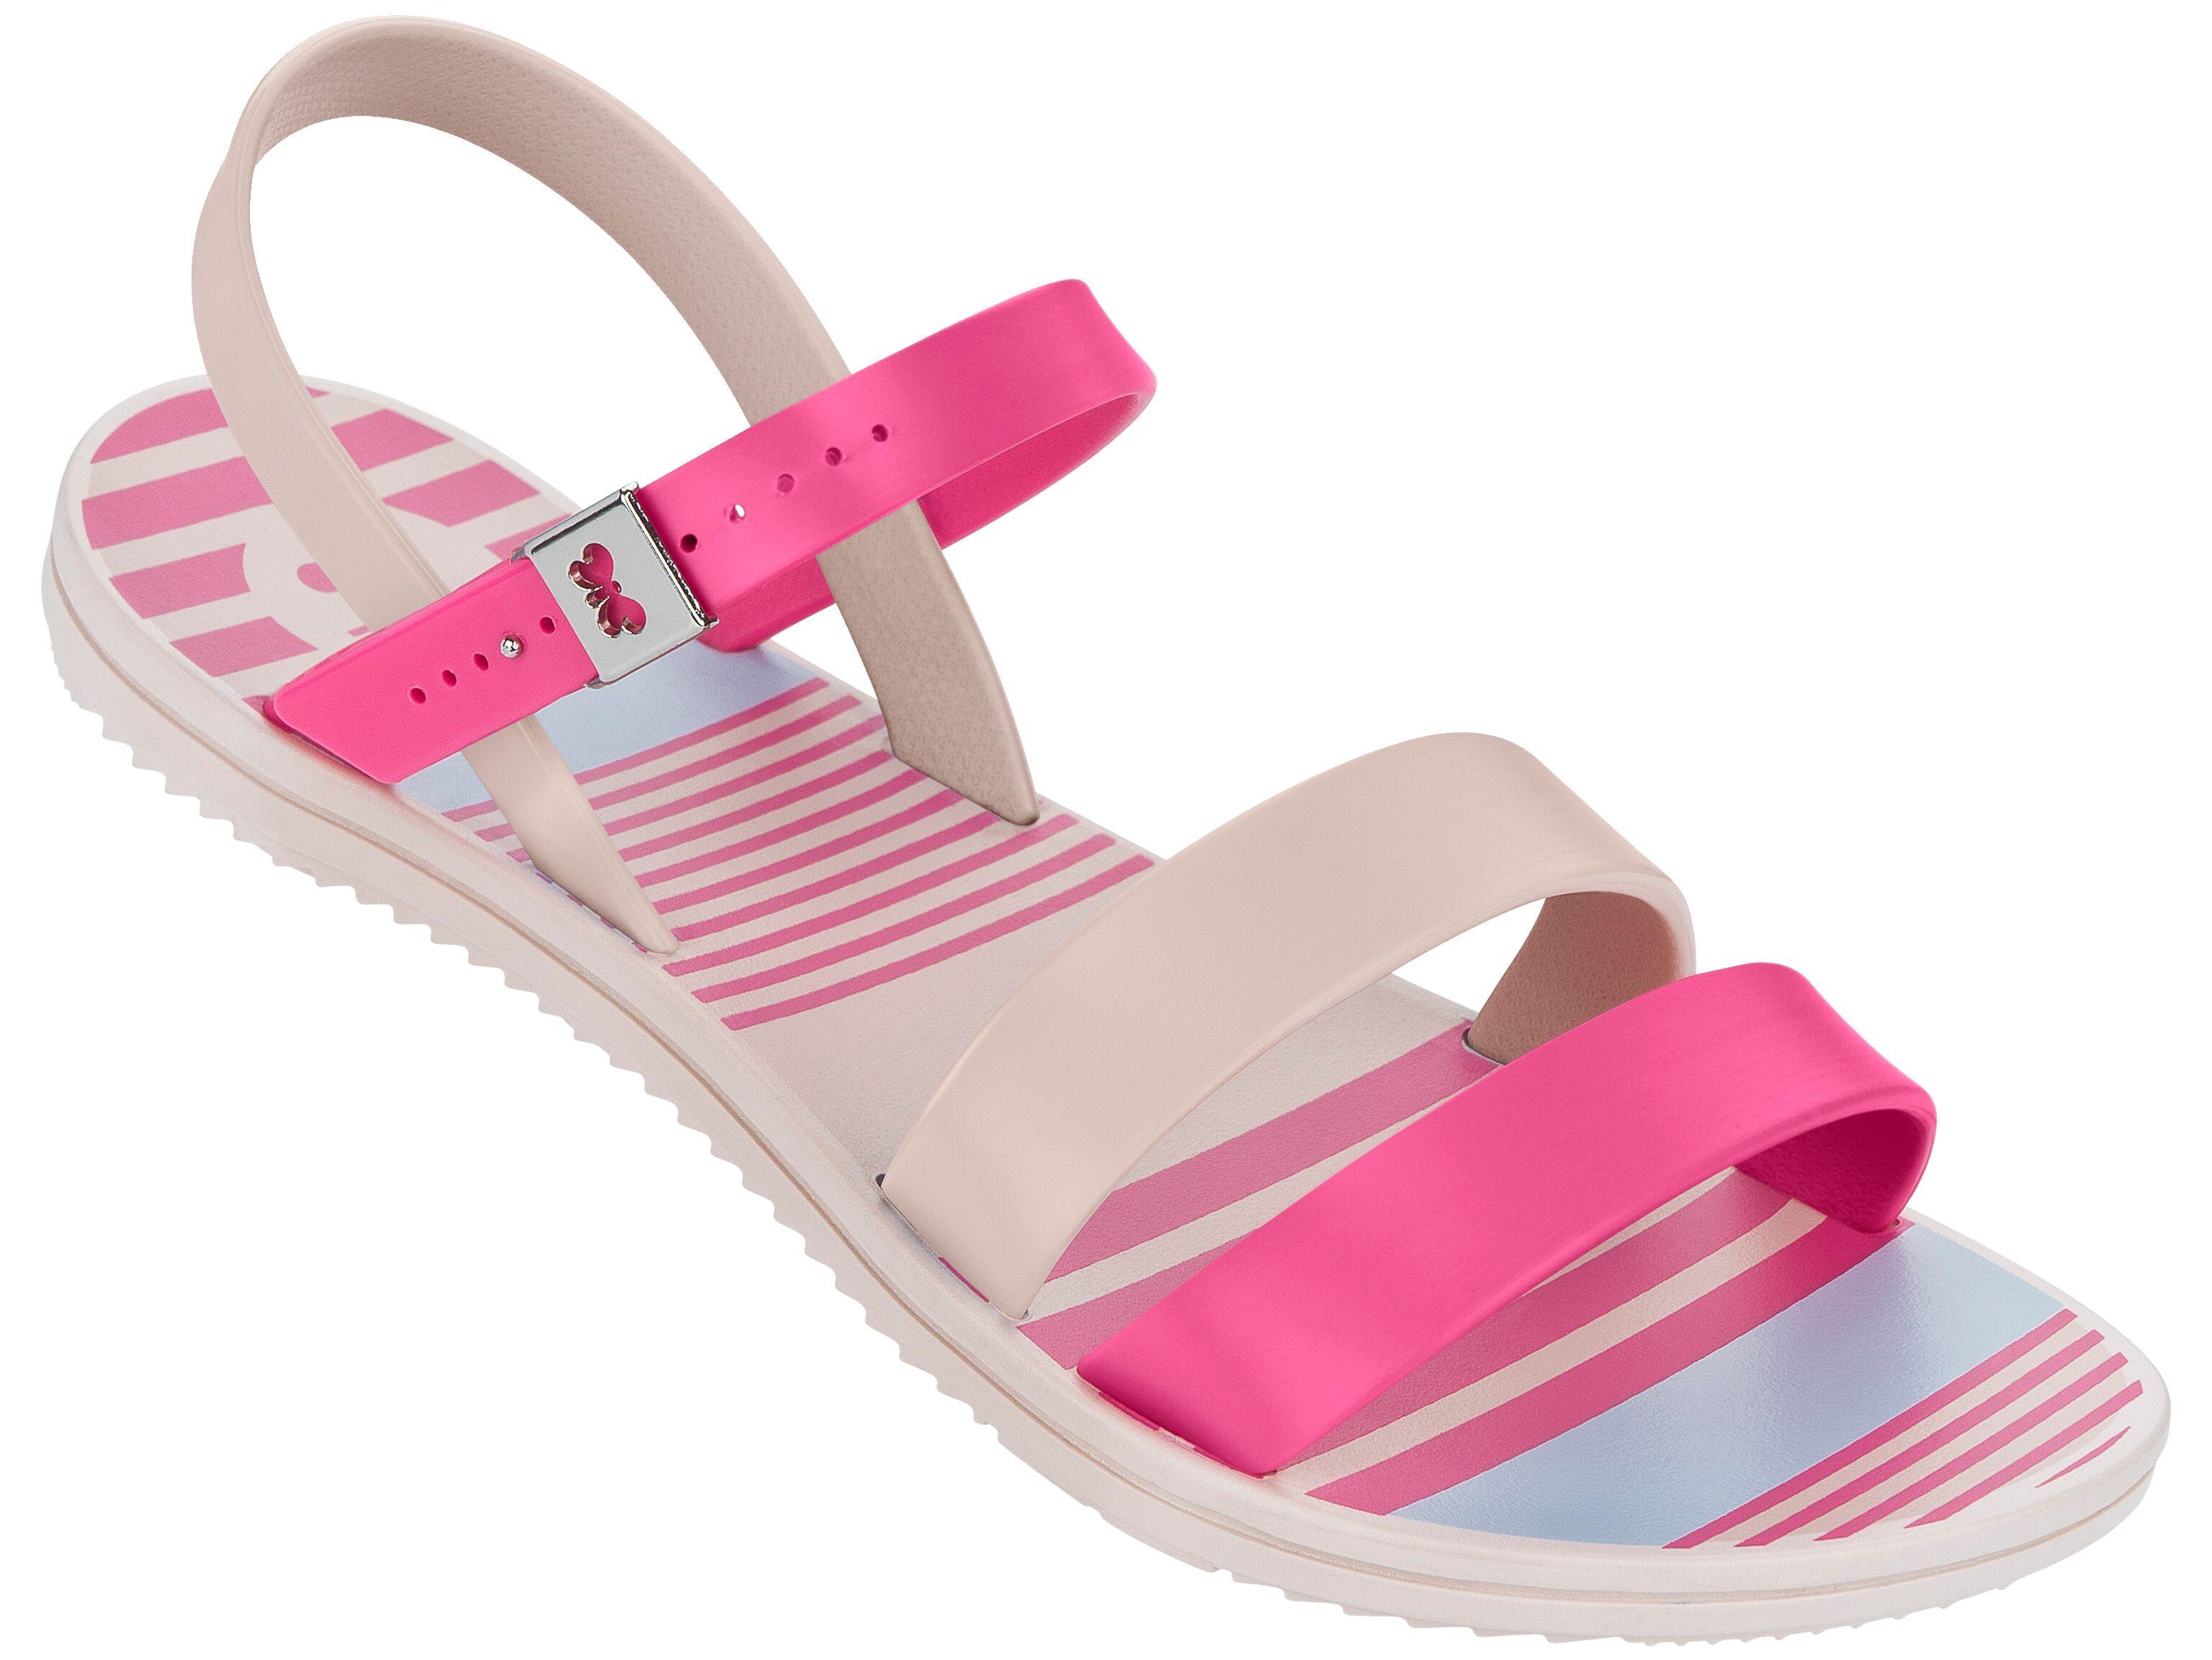 Zaxy Urban strappy sandal-Pink/Nude